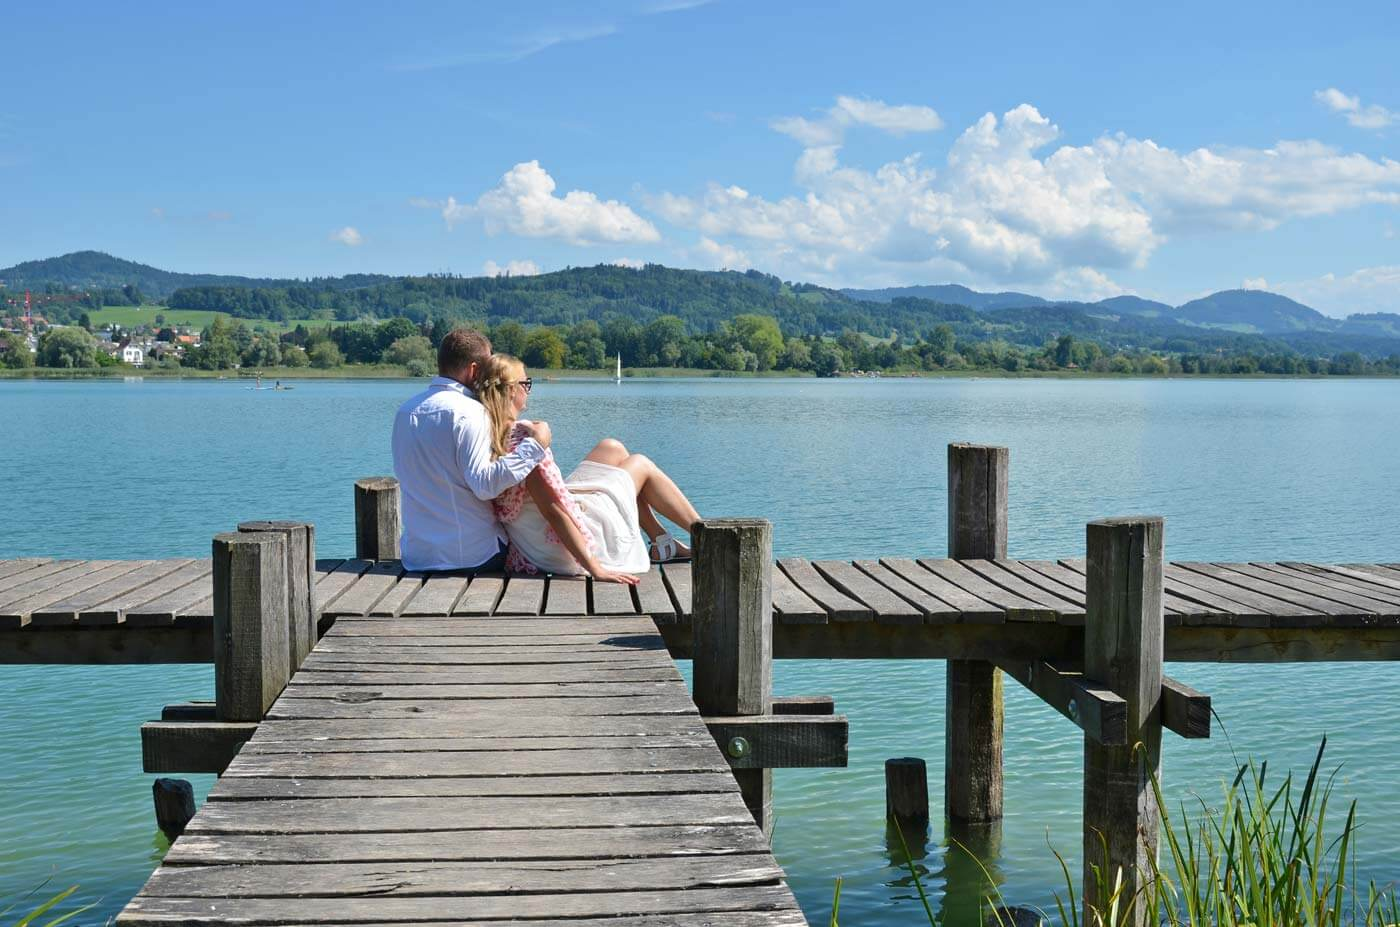 Hochzeit am See Schweiz